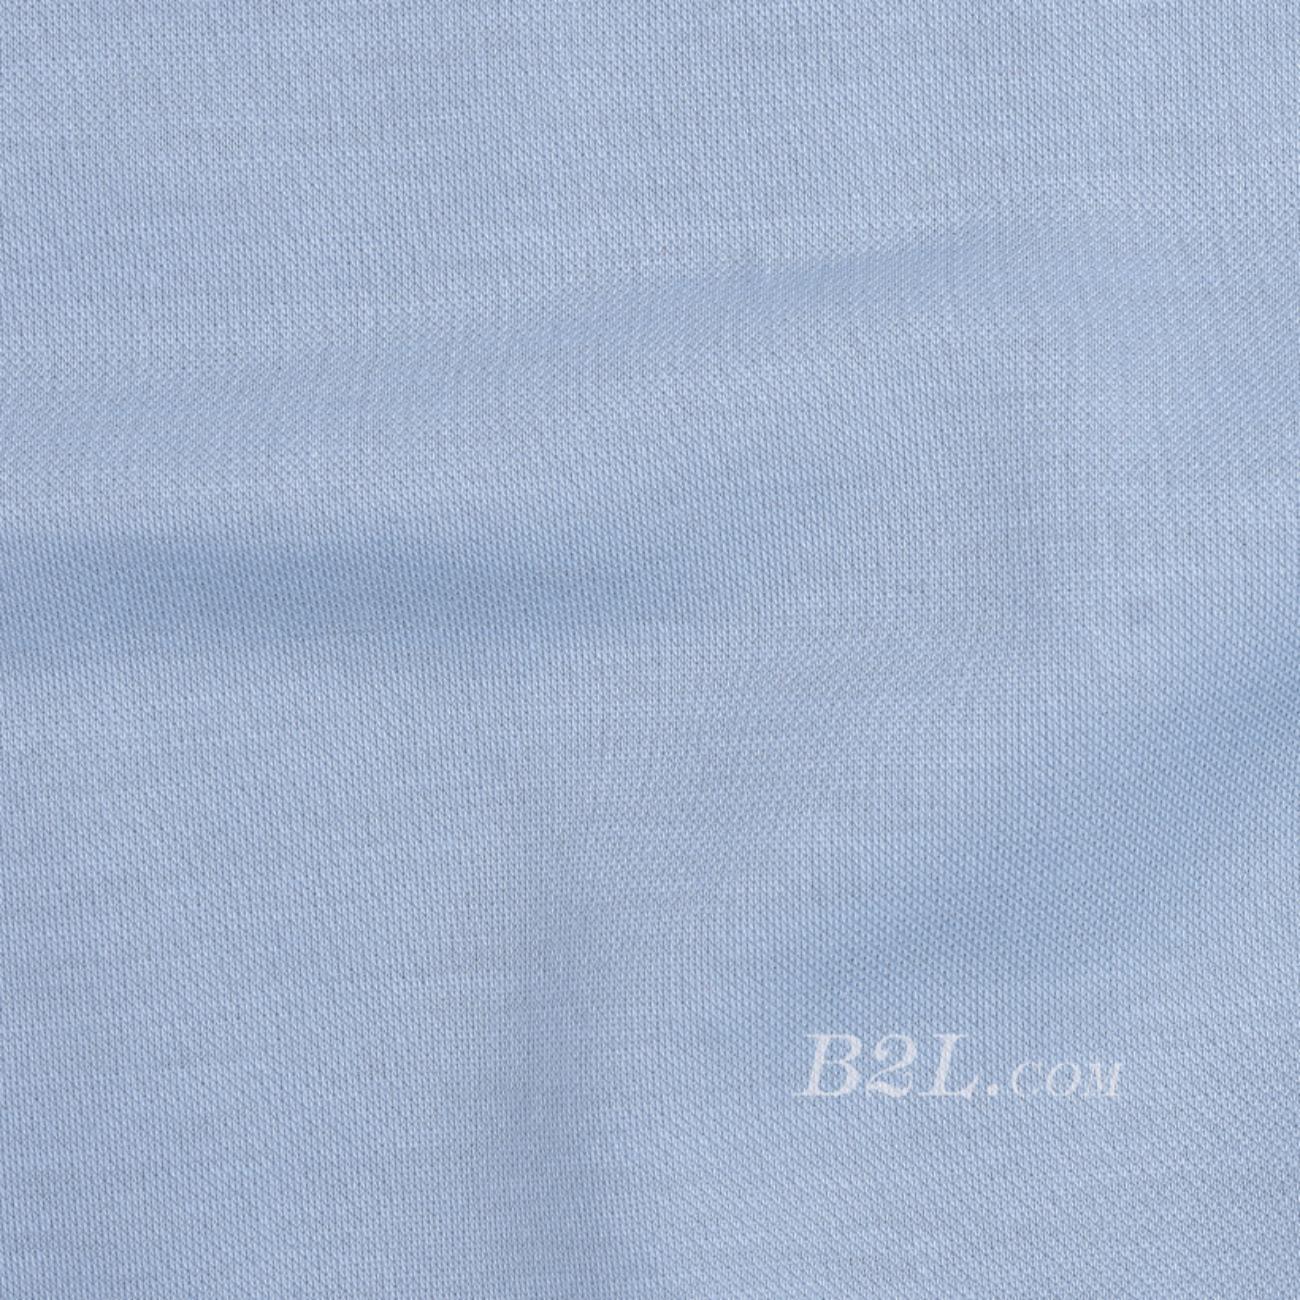 素色 针织 染色 低弹 春秋 连衣裙 时装 90306-59